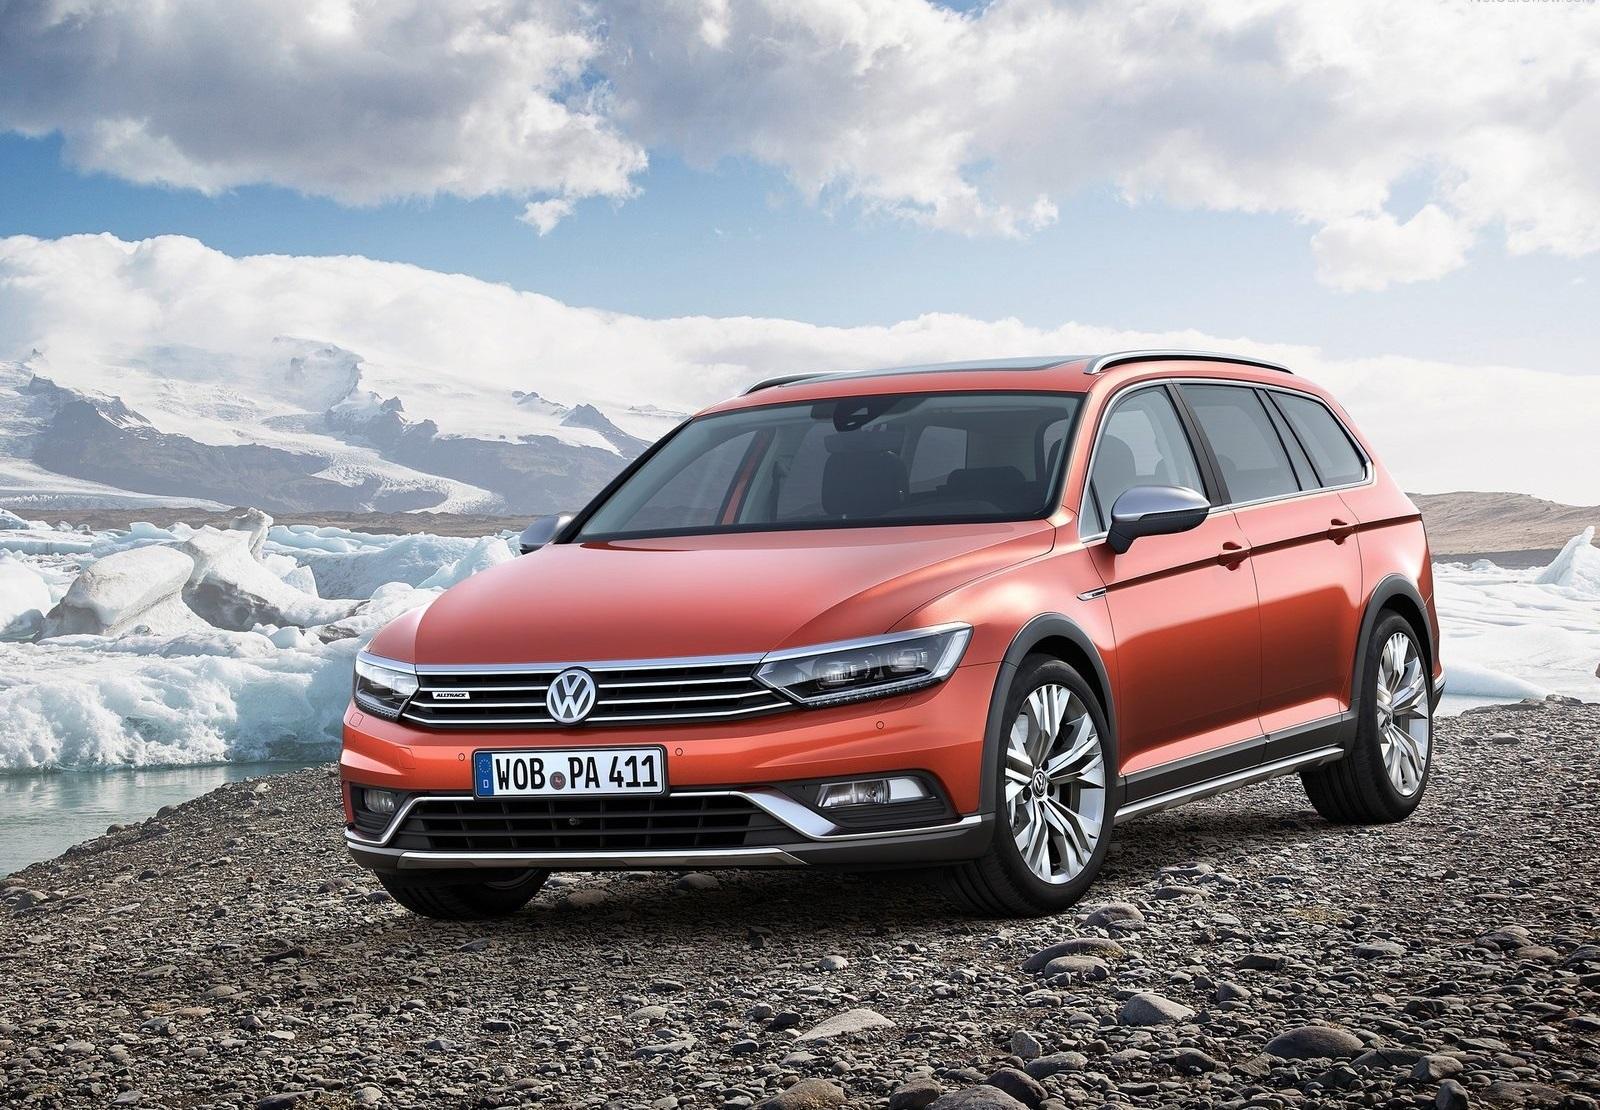 2016 Volkswagen Passat Alltrack Front Exterior Preview (View 18 of 18)